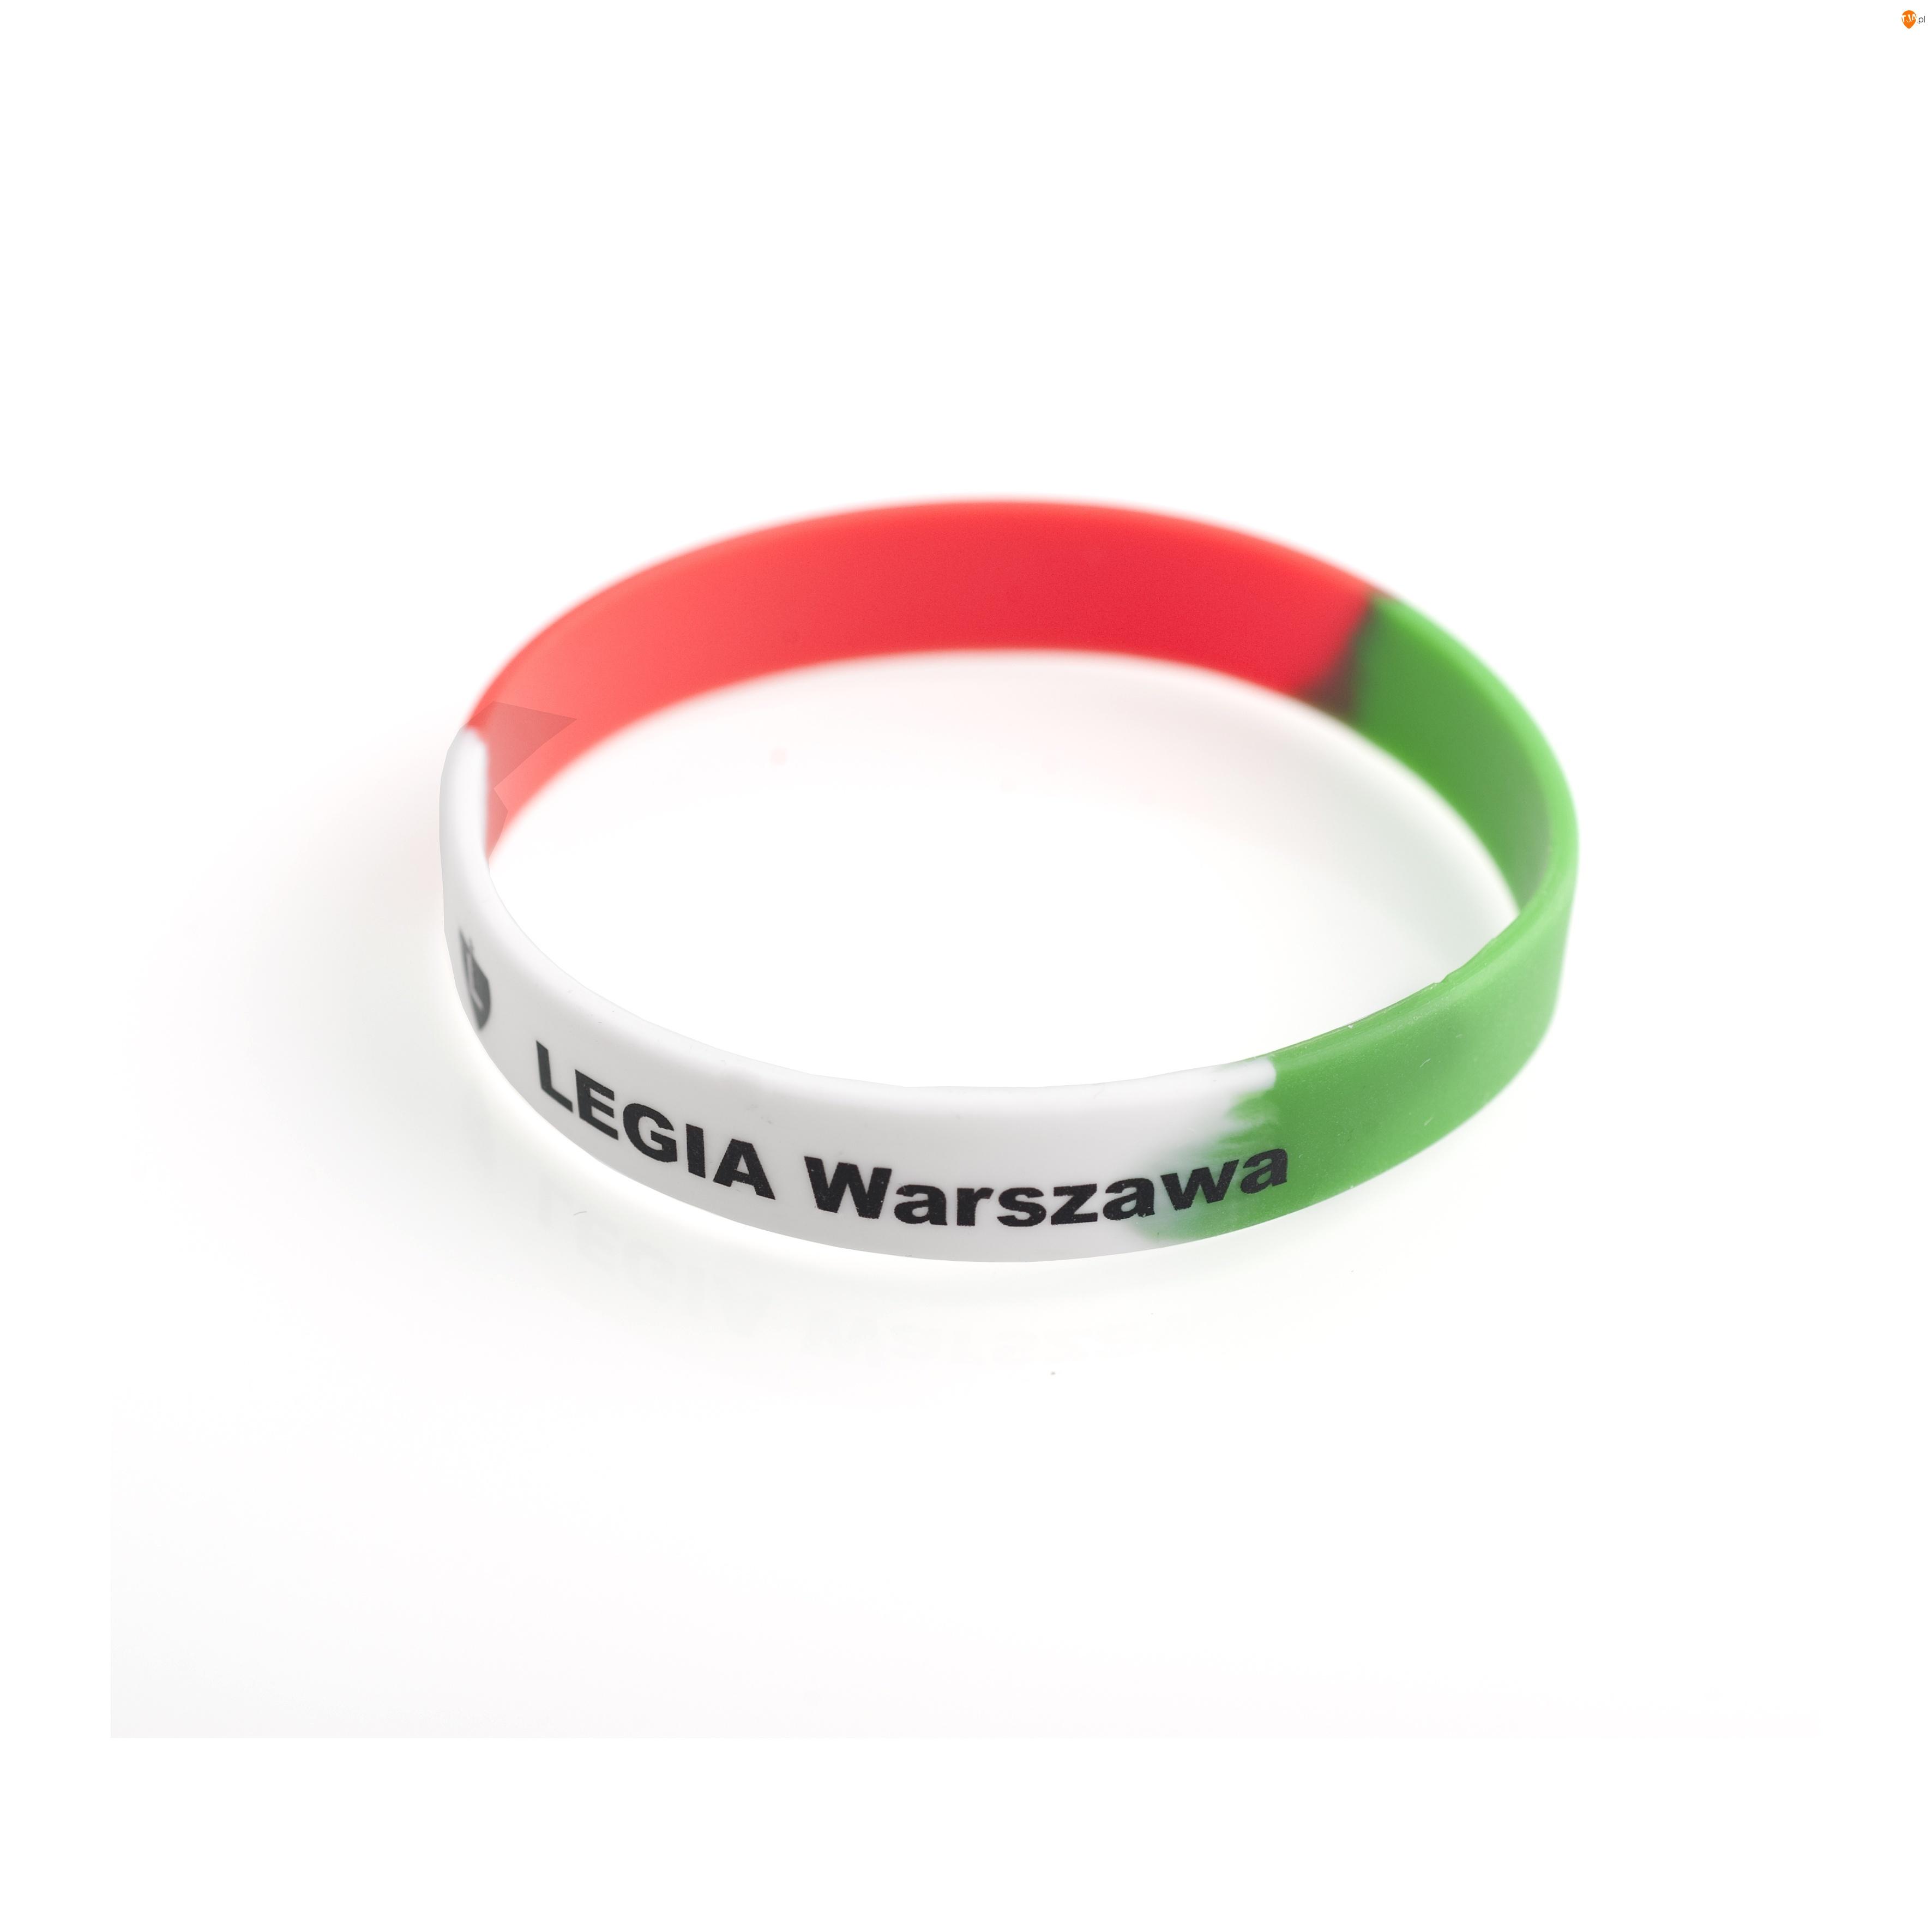 Opaska, Klubowe, Legia Warszawa, Barwy